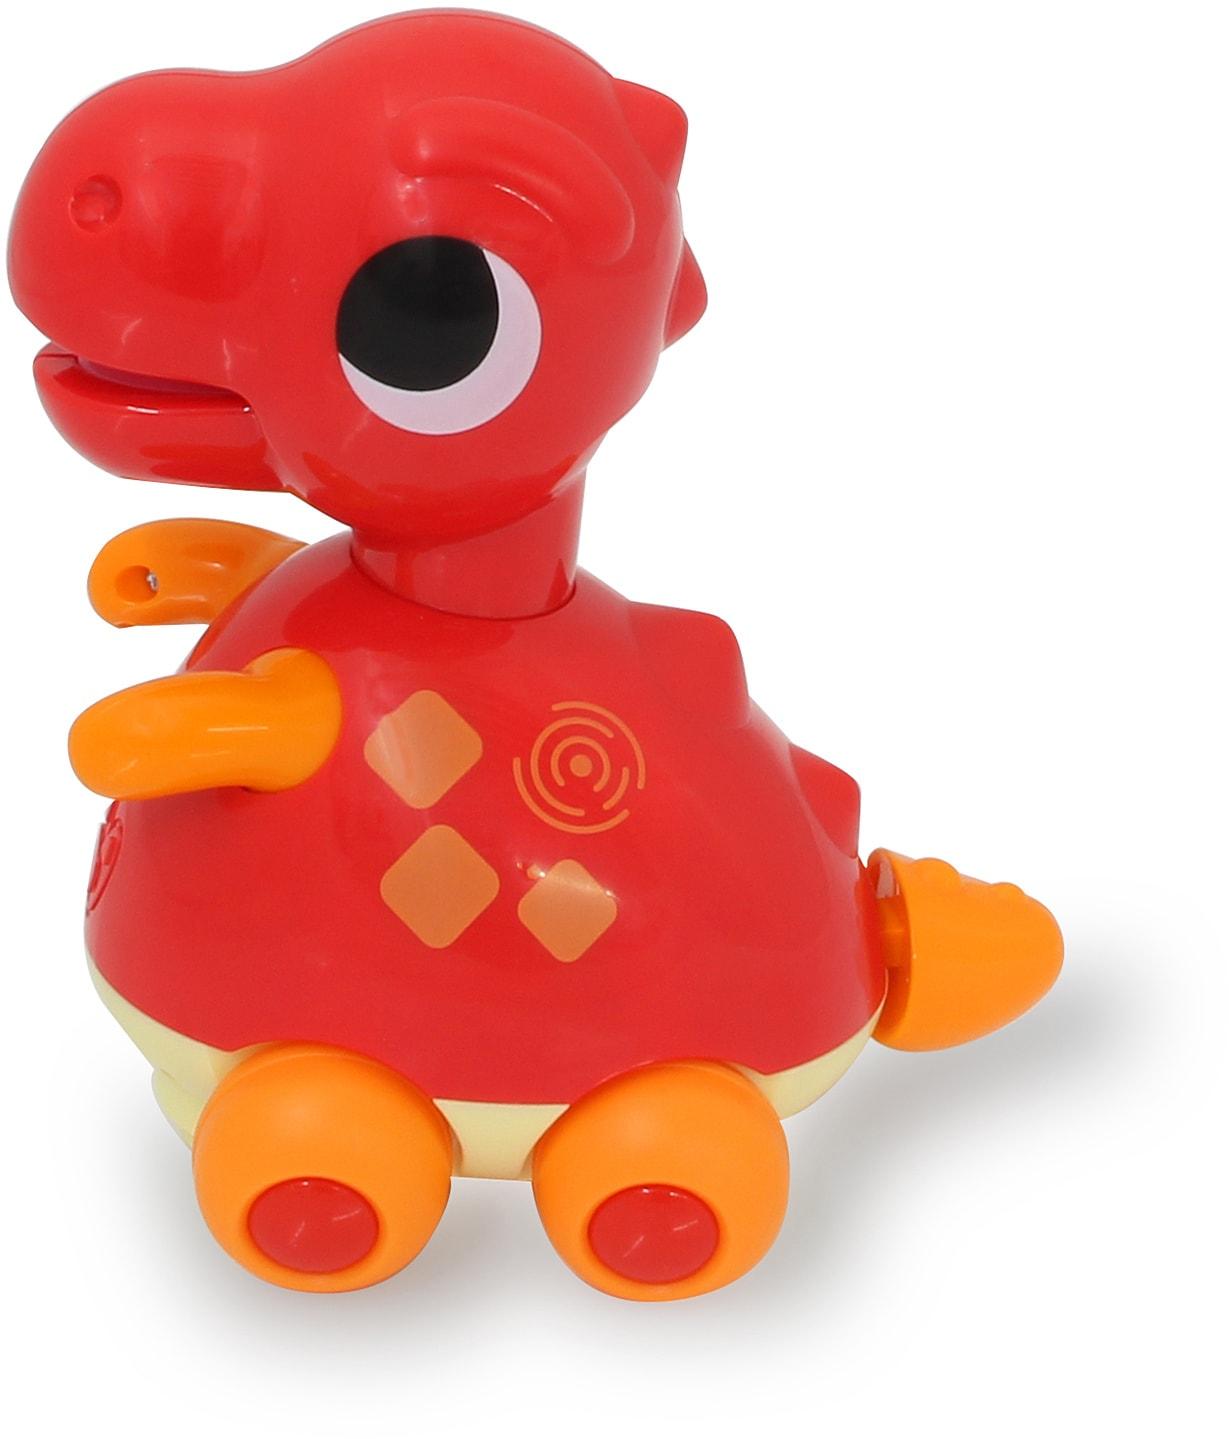 Jamara Spielfigur Touch Dino Tyrannosaurus Rex rot Kinder Dinosaurier Figuren Spielzeugfiguren Lieblingsstars Spielfiguren